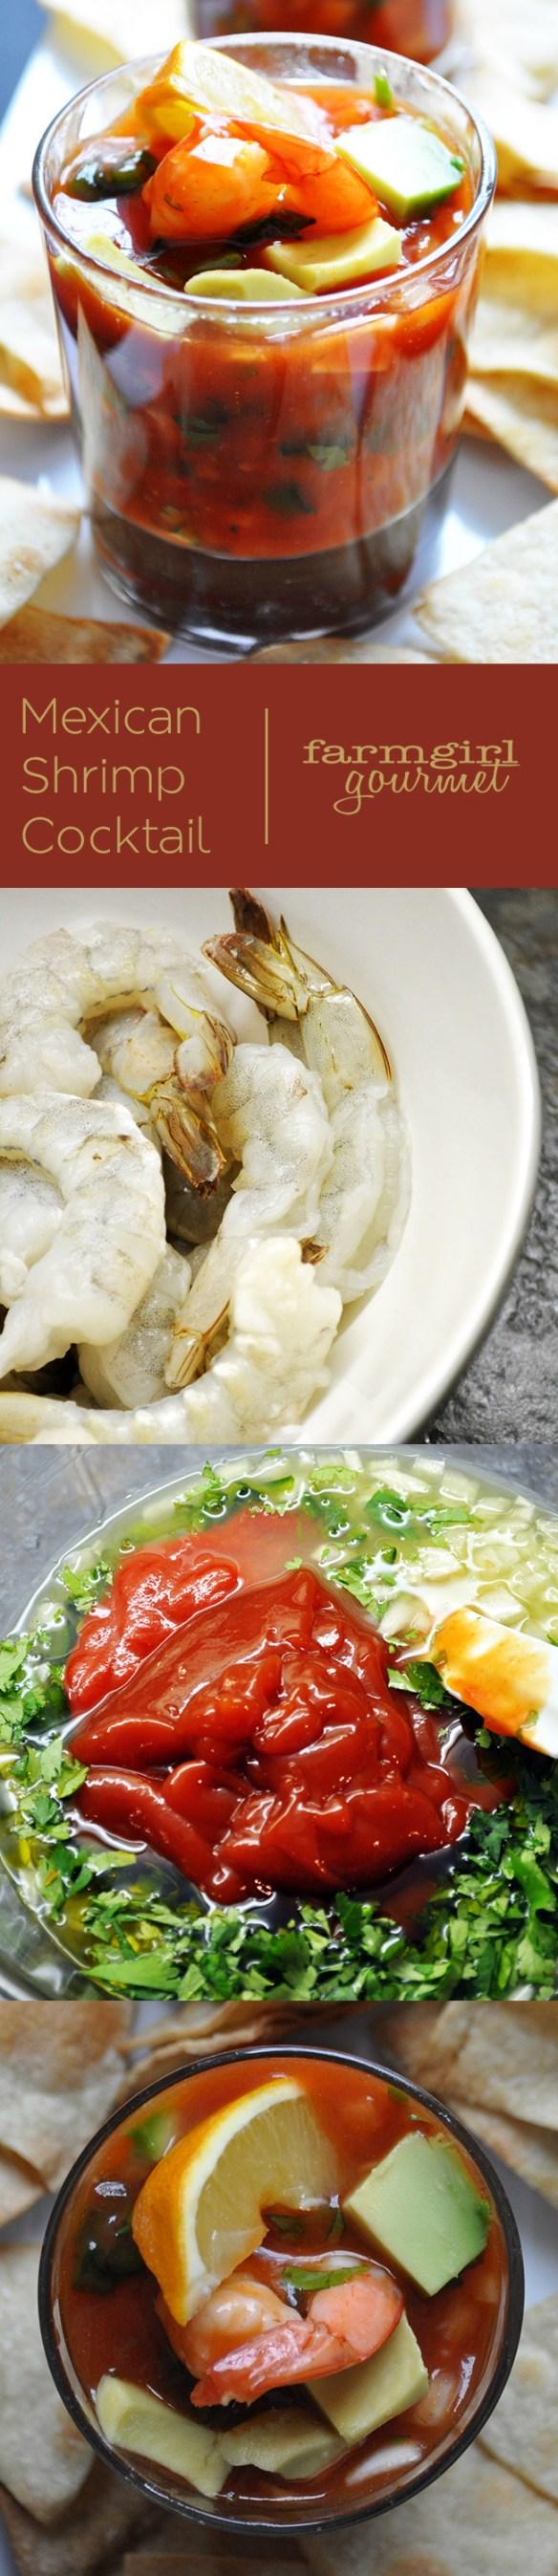 Mexican Shrimp Cocktail | farmgirlgourmet.com #recipe #shrimp